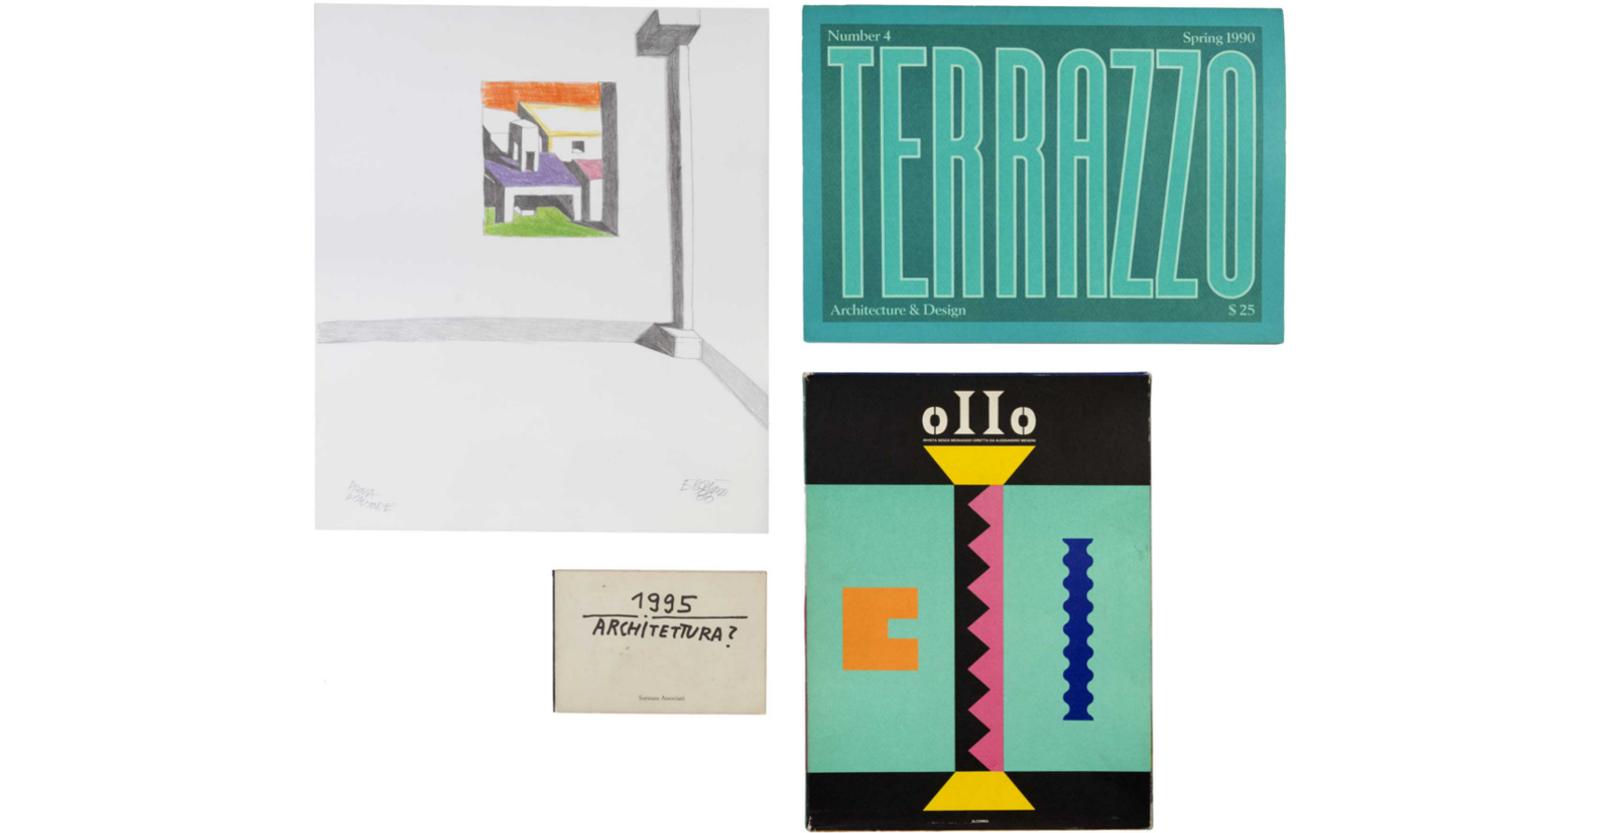 quattro illustrazioni a colori, litografia e libretto di Ettore Sottsass, Alchimia e Terrazzo